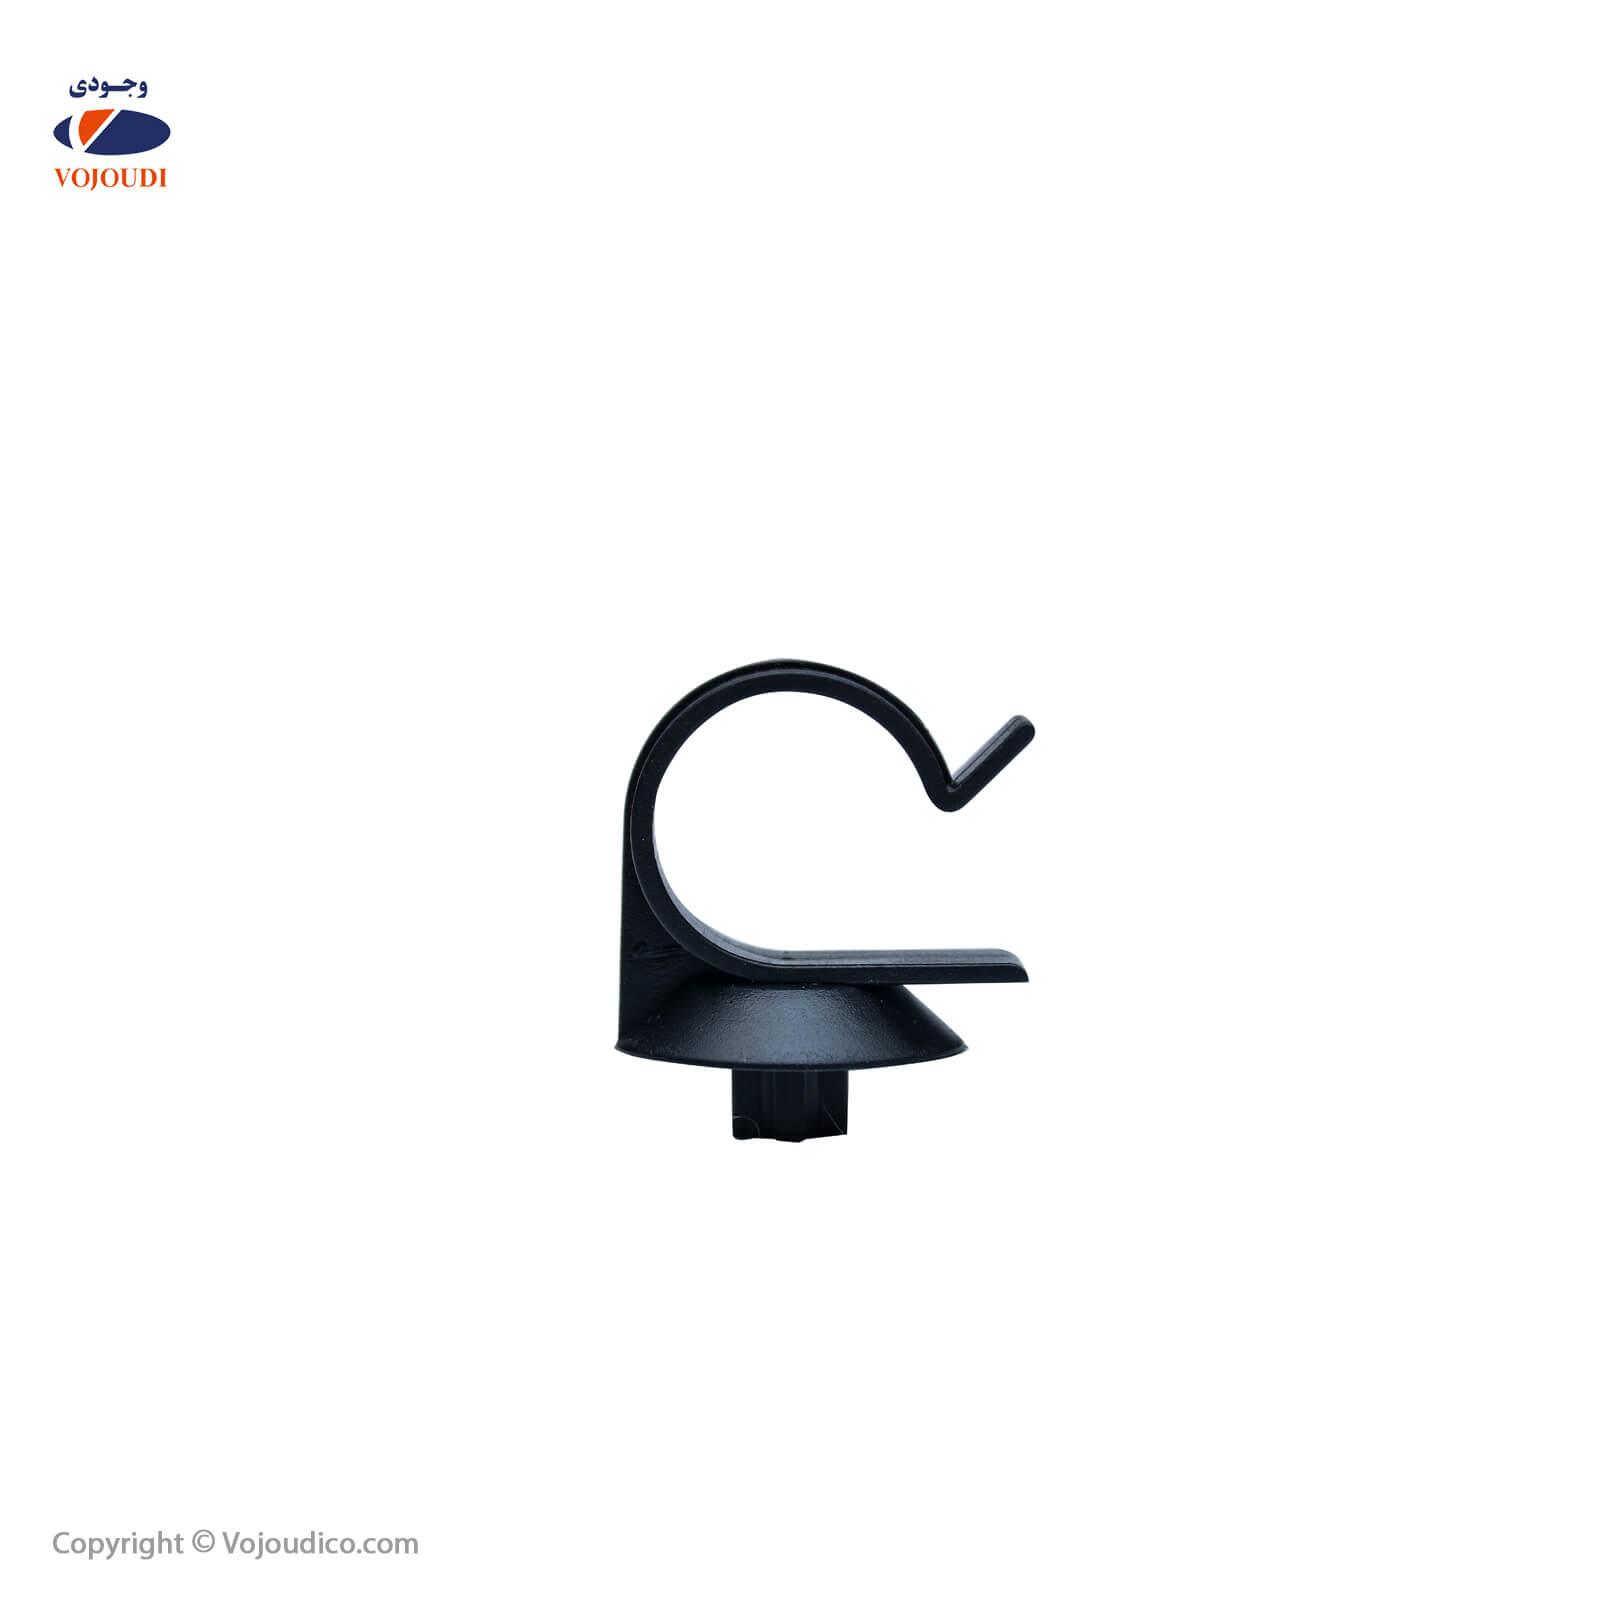 31203 1 - بست لوله بخاری - شیلنگ هیدرولیک وجودی کد 31203 مناسب برای 405 ، تعداد بسته : 50 عدد